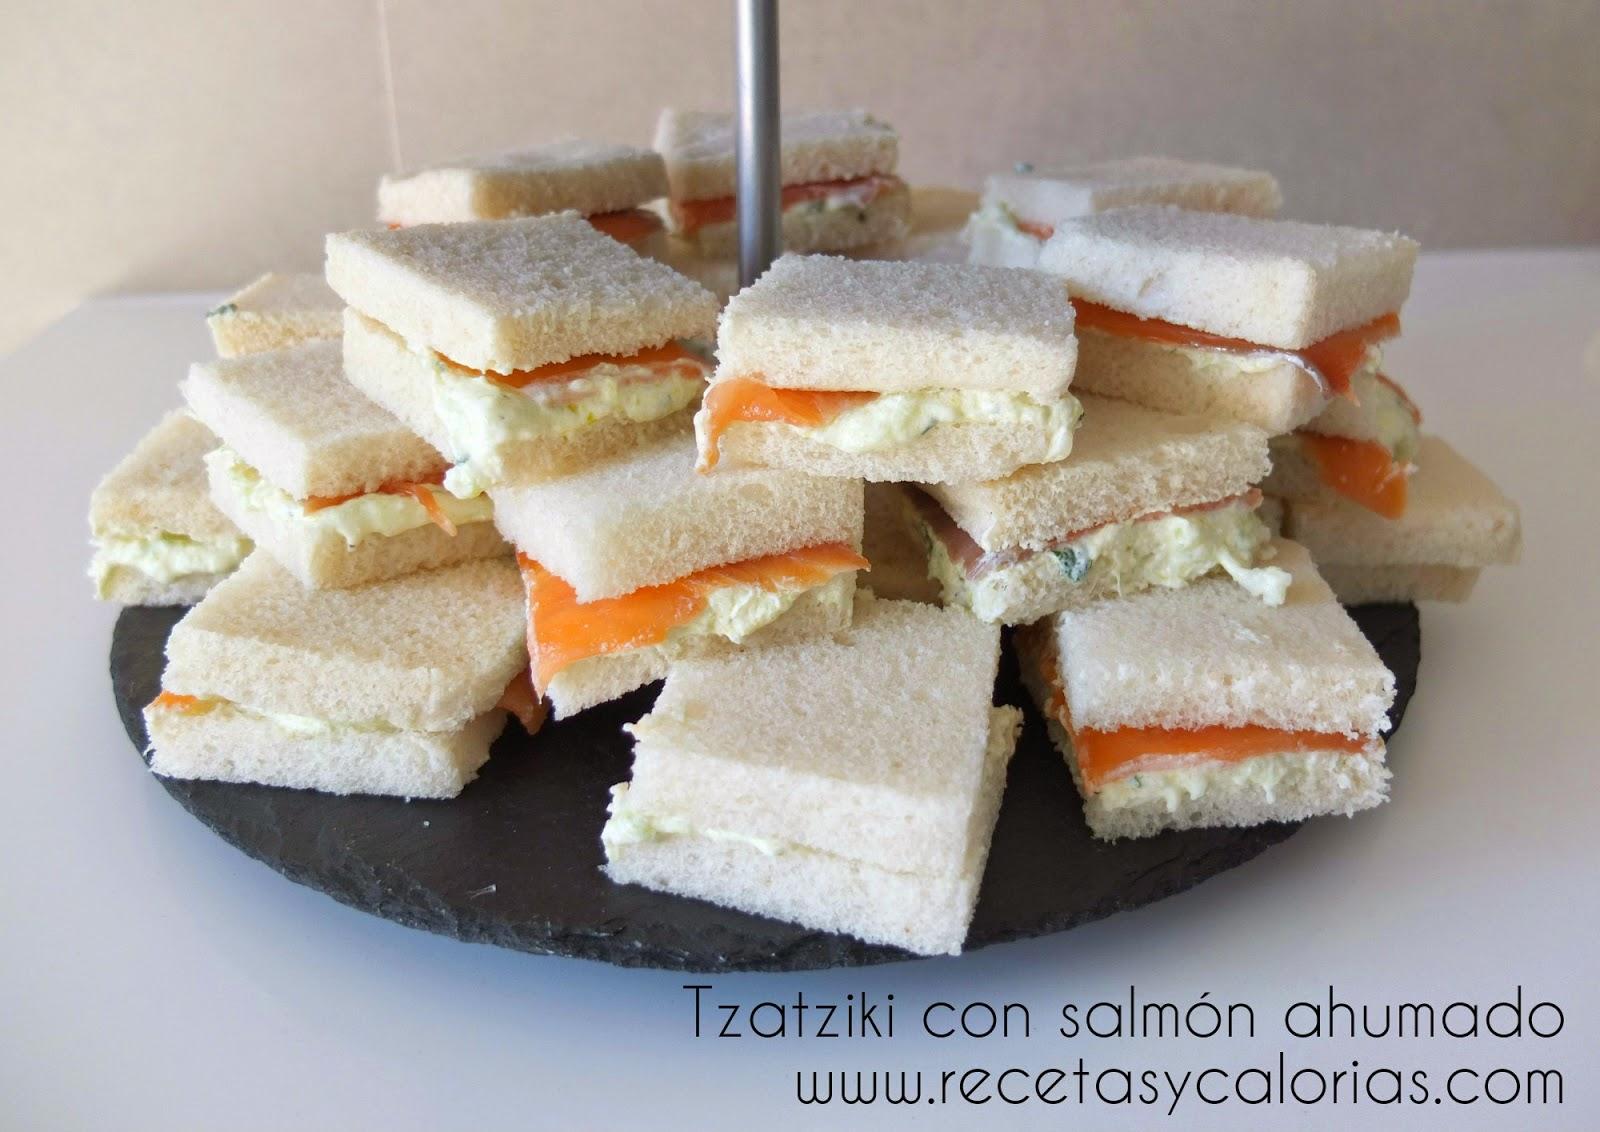 tzatziki con salmón ahumado